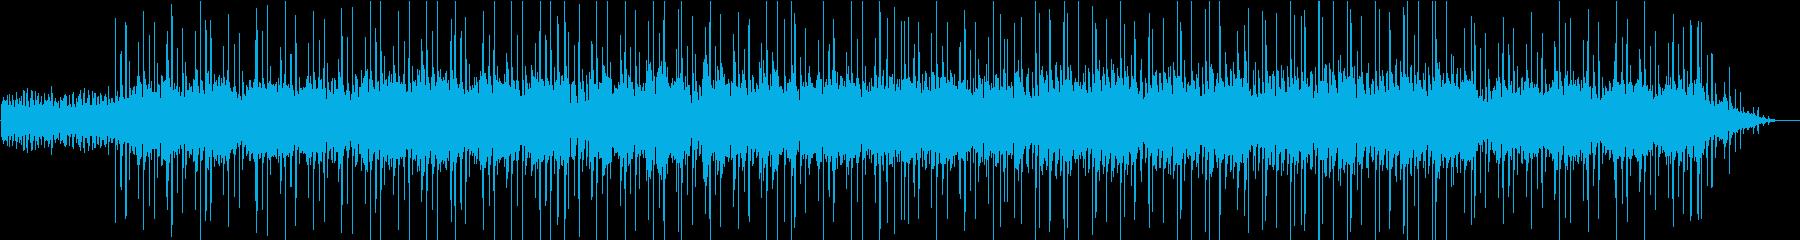 静かに問いかけるオープニングの再生済みの波形